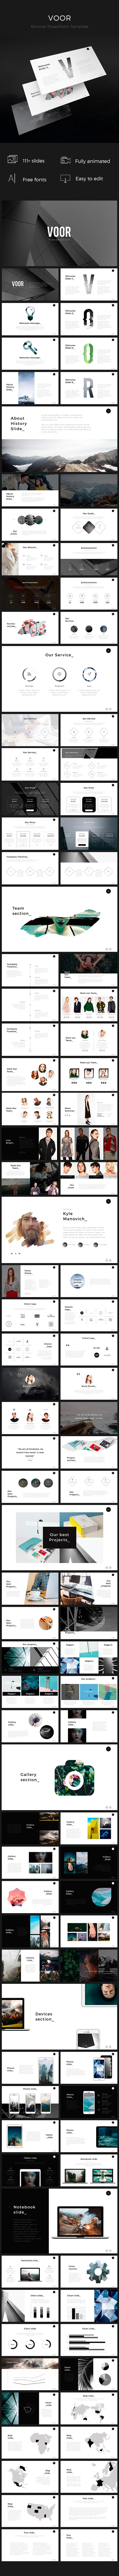 Clean & Trend Voor PowerPoint Template